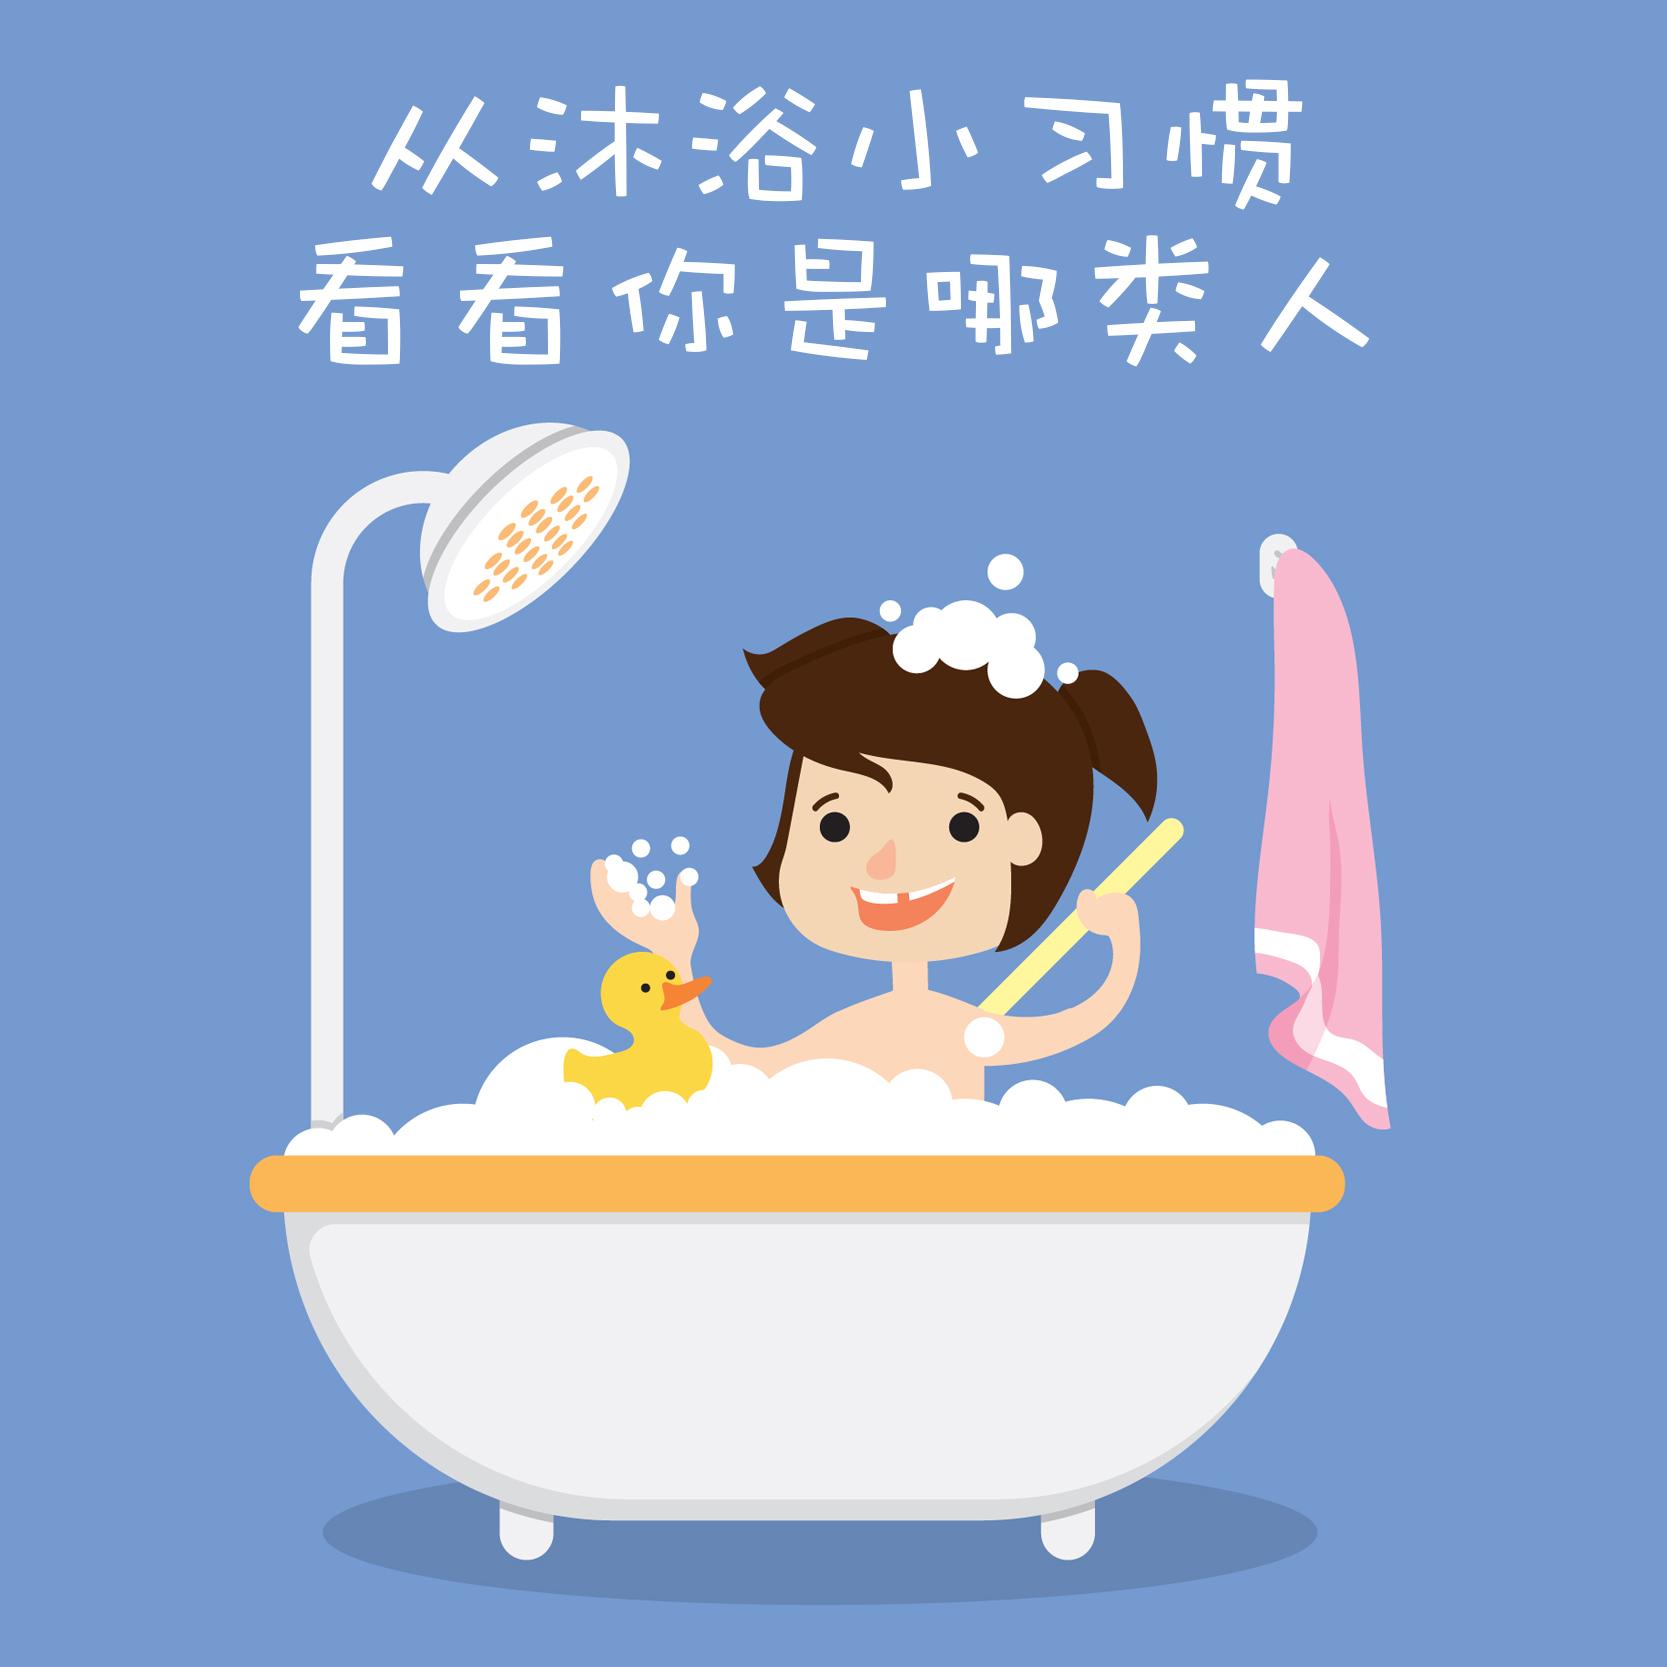 第二季凯立沐浴节工厂价来了,在这里找到你的Freestyle!